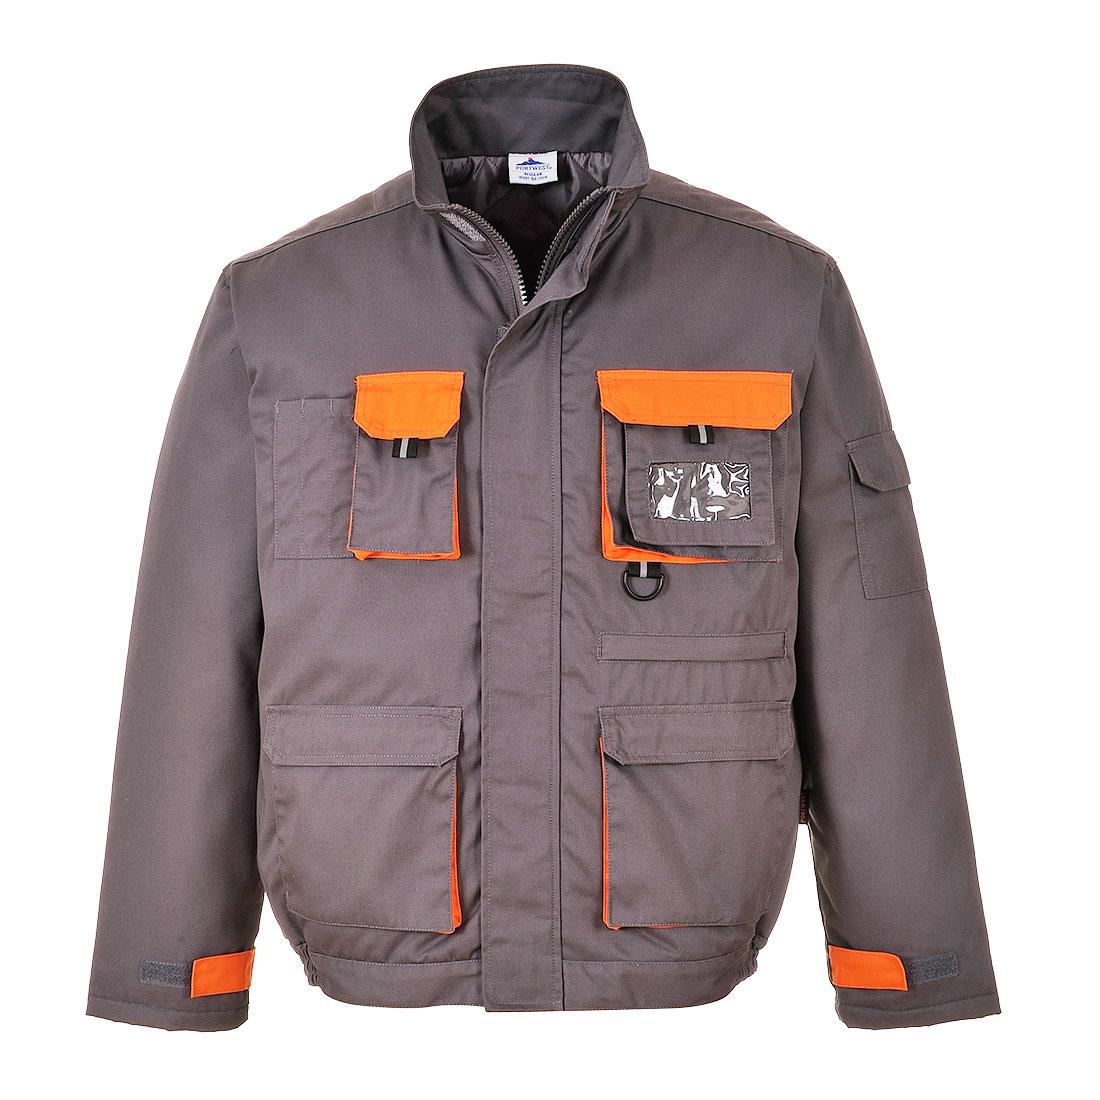 Contrast Lined Jacket Grey LR